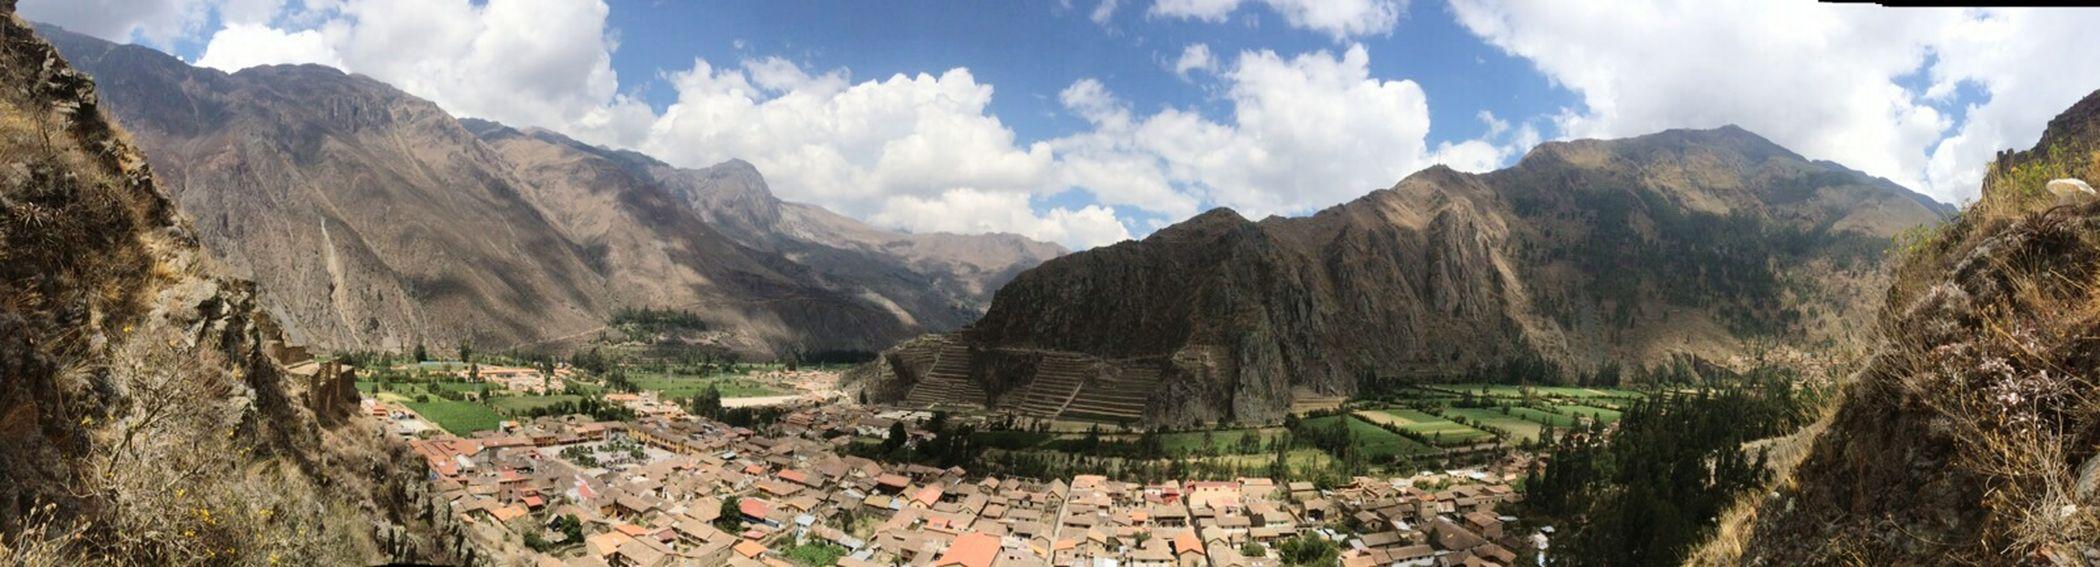 Ollataitambo Ruinas Templodelsol Peru